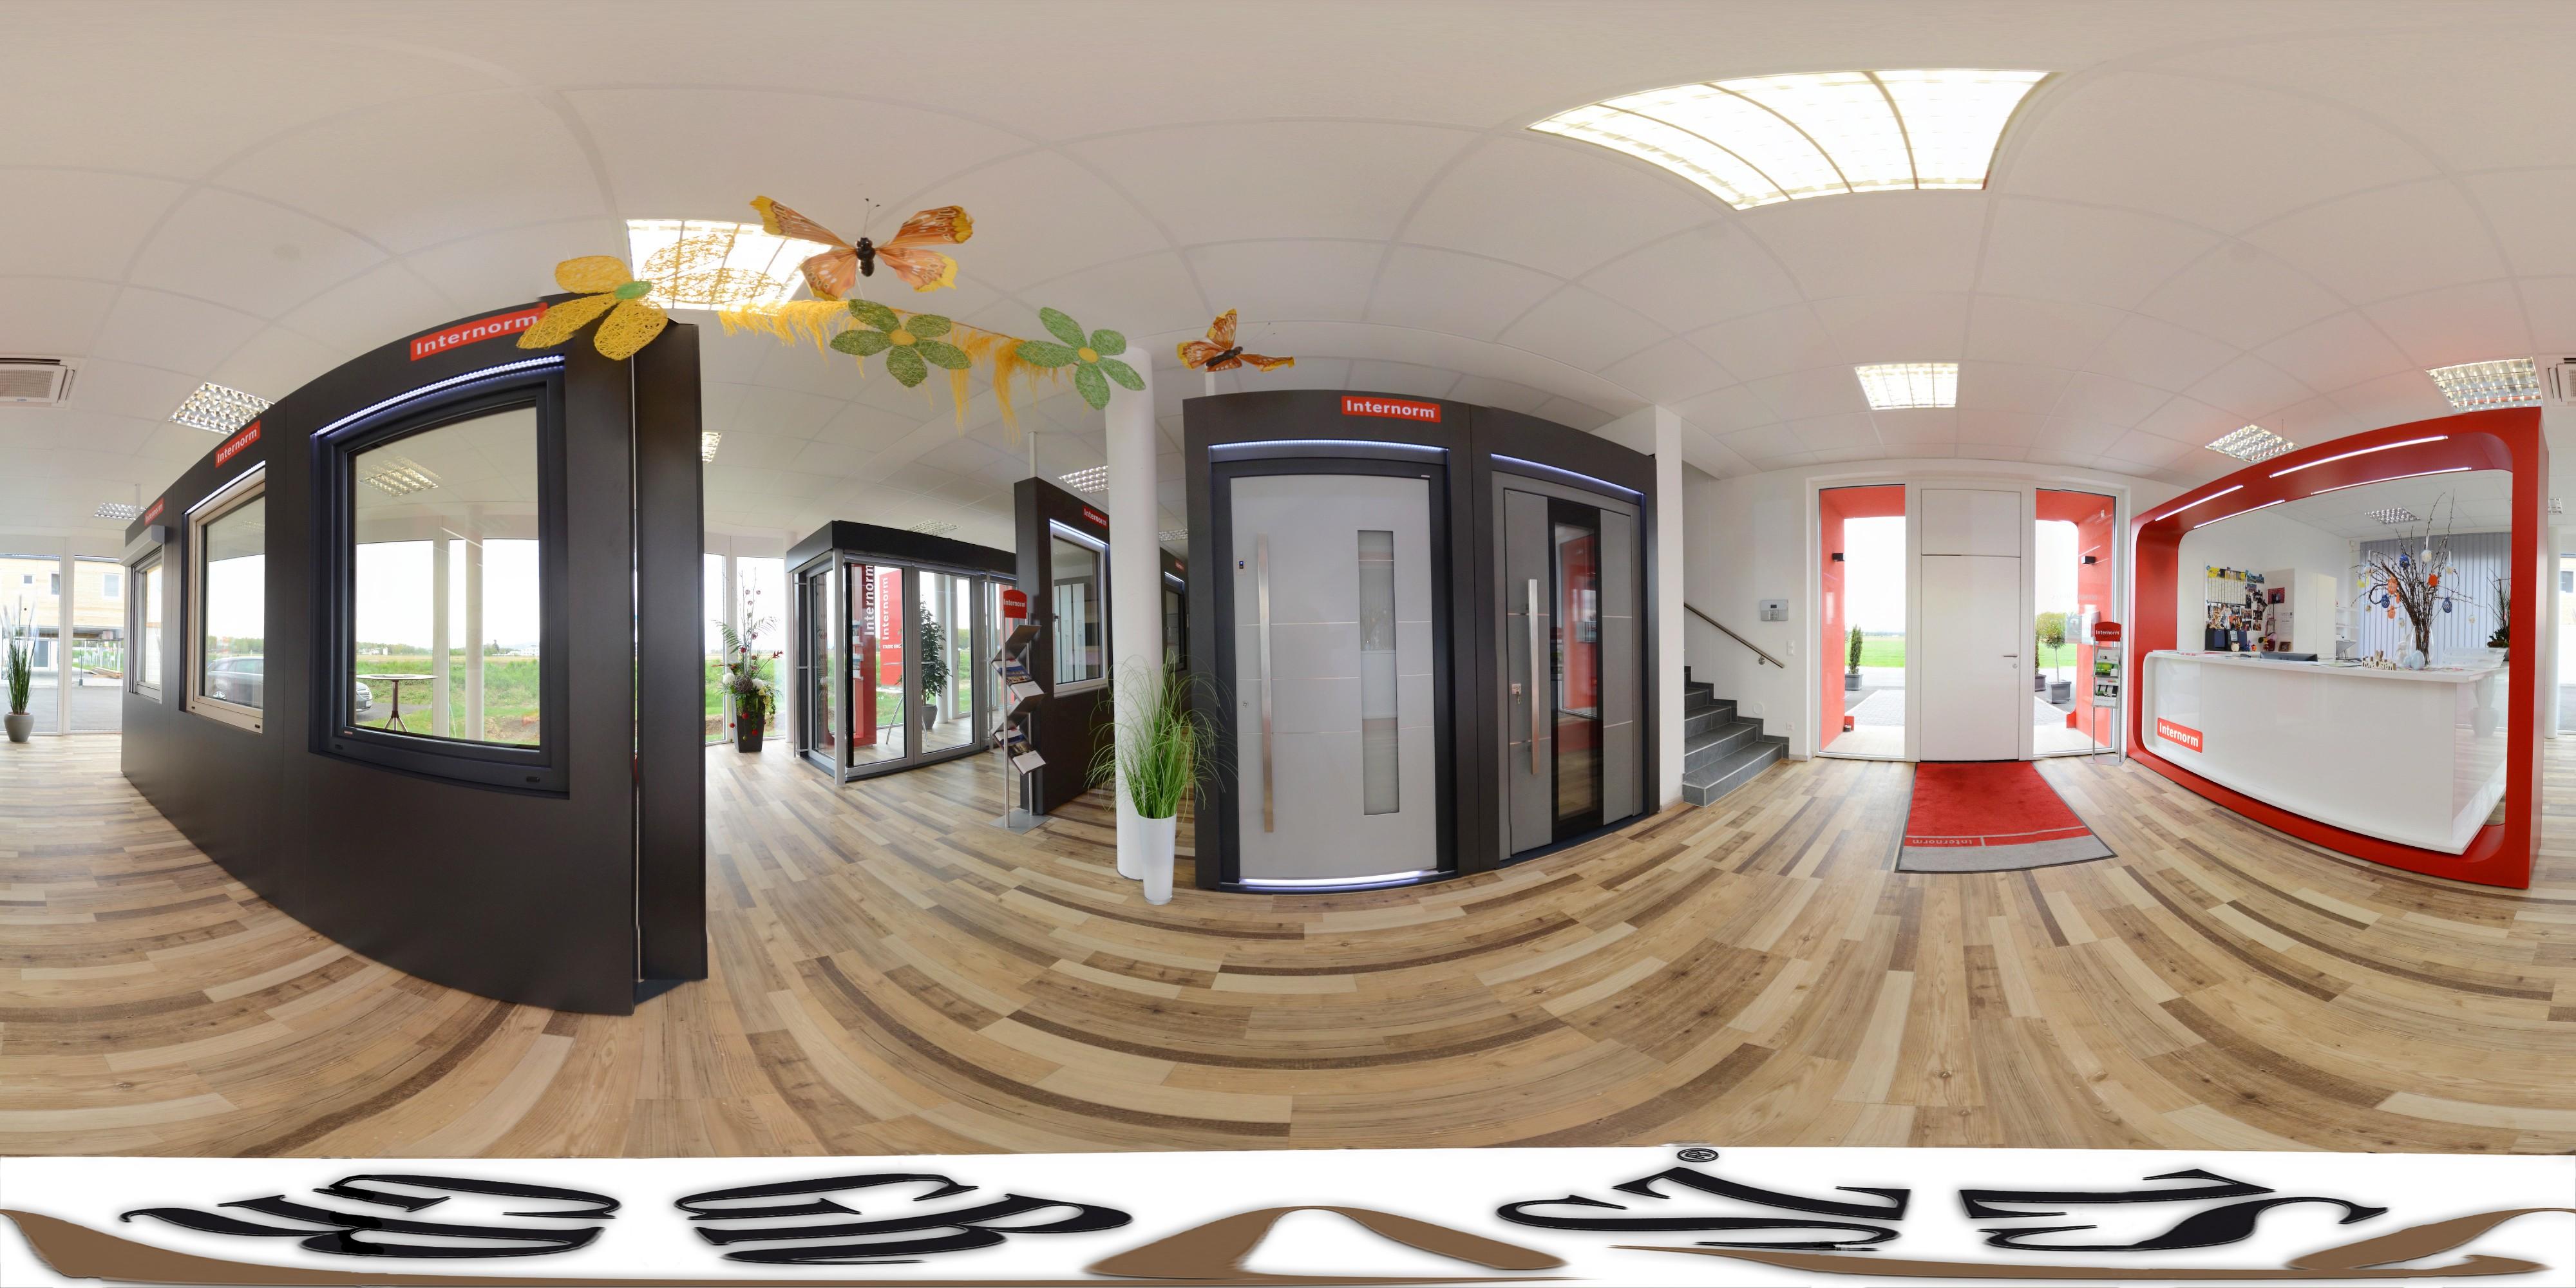 studio eins fenster t ren service in kalsdorf bautr ger energiesysteme fassaden hochbau. Black Bedroom Furniture Sets. Home Design Ideas